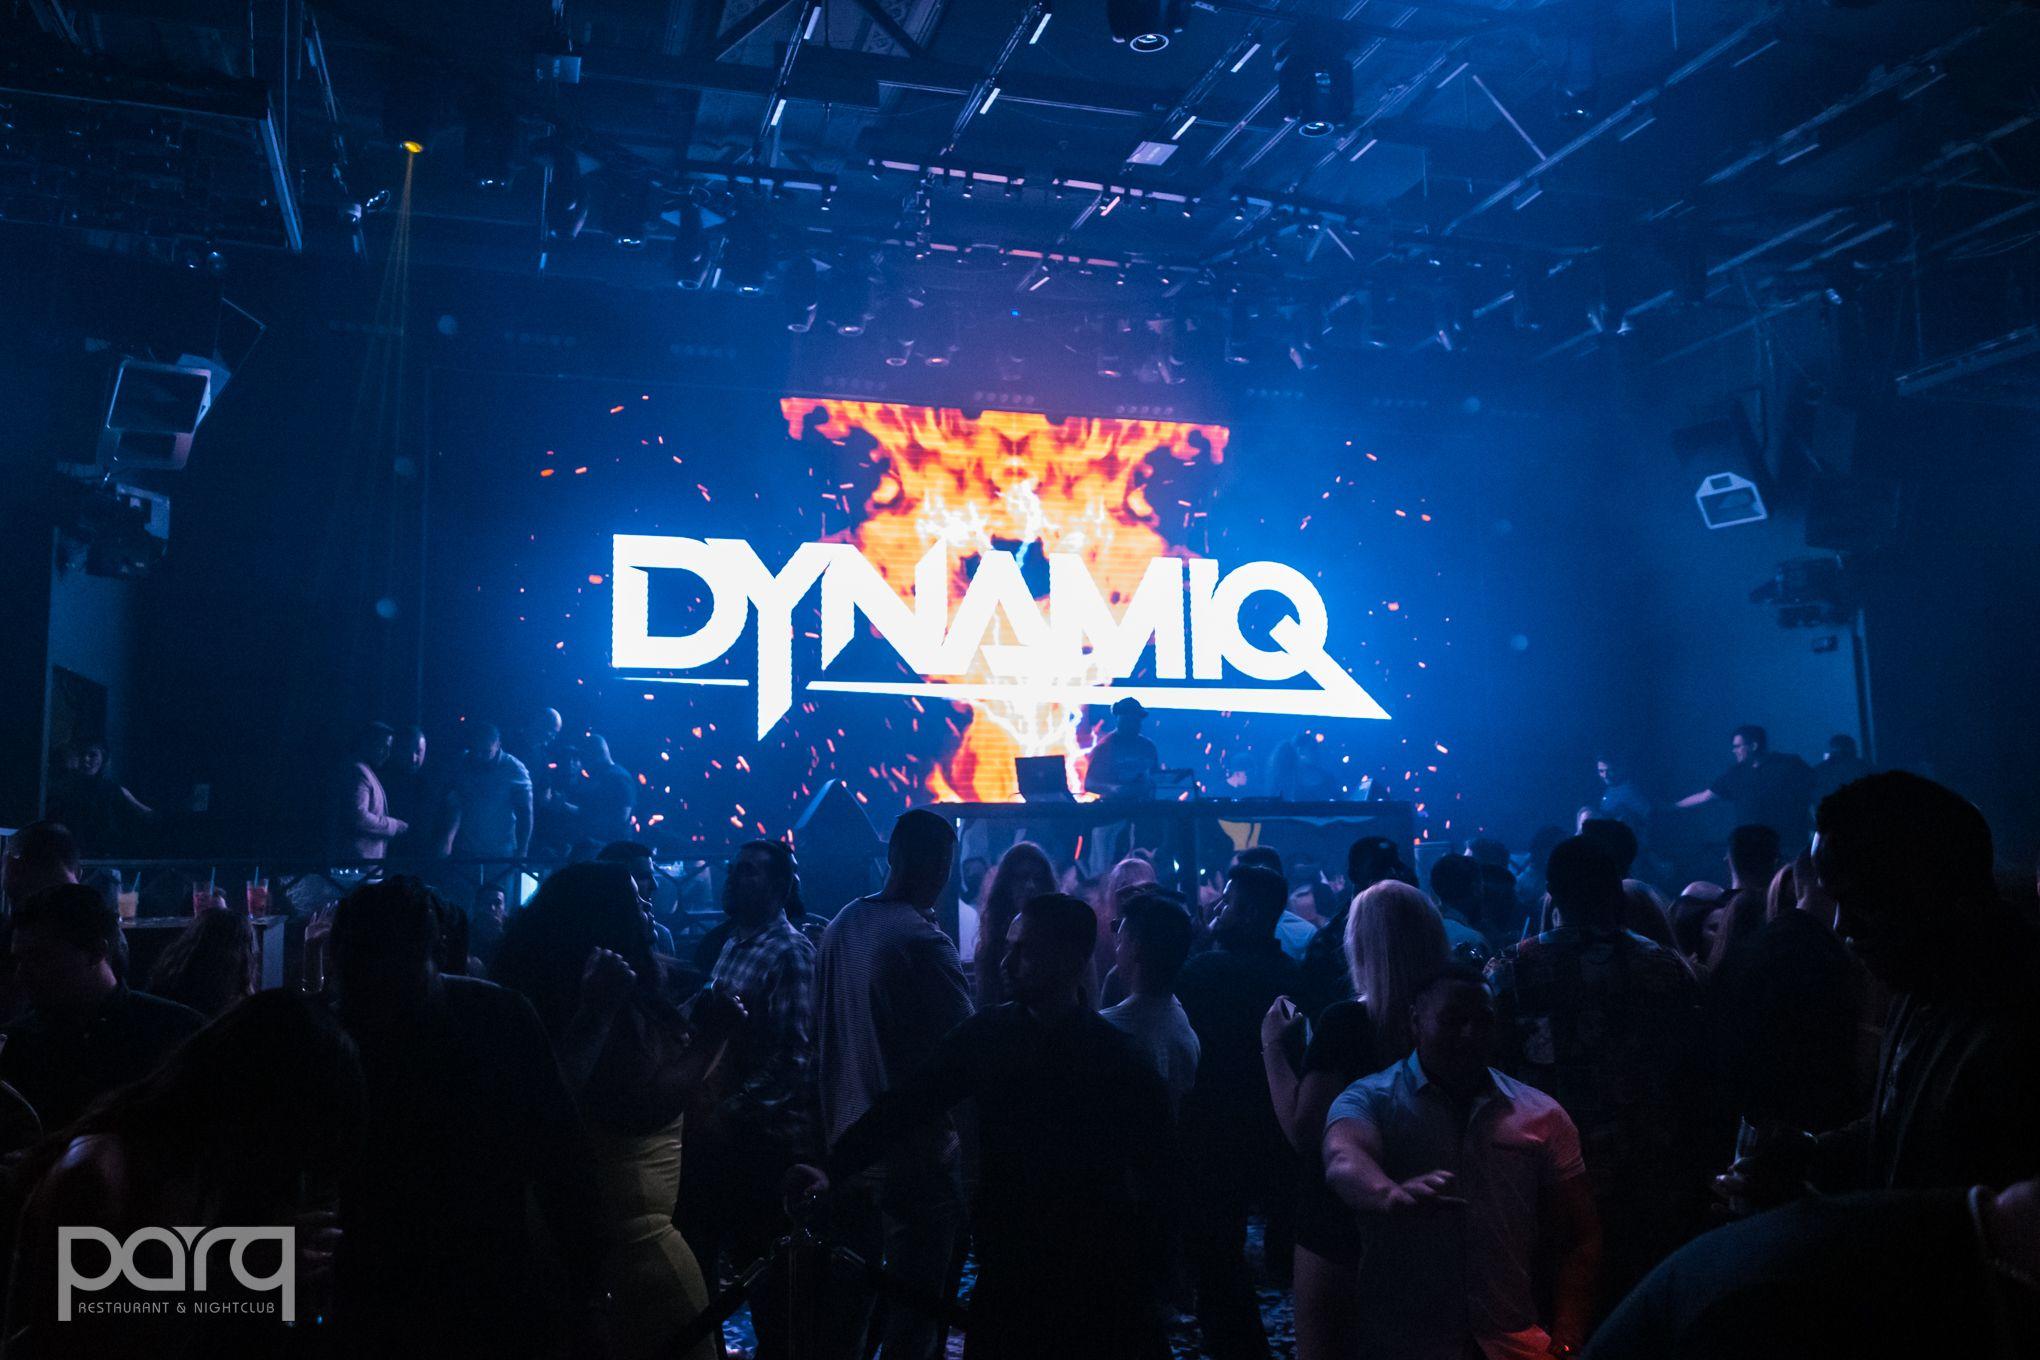 07.12.19 Parq - Dynamiq-1.jpg